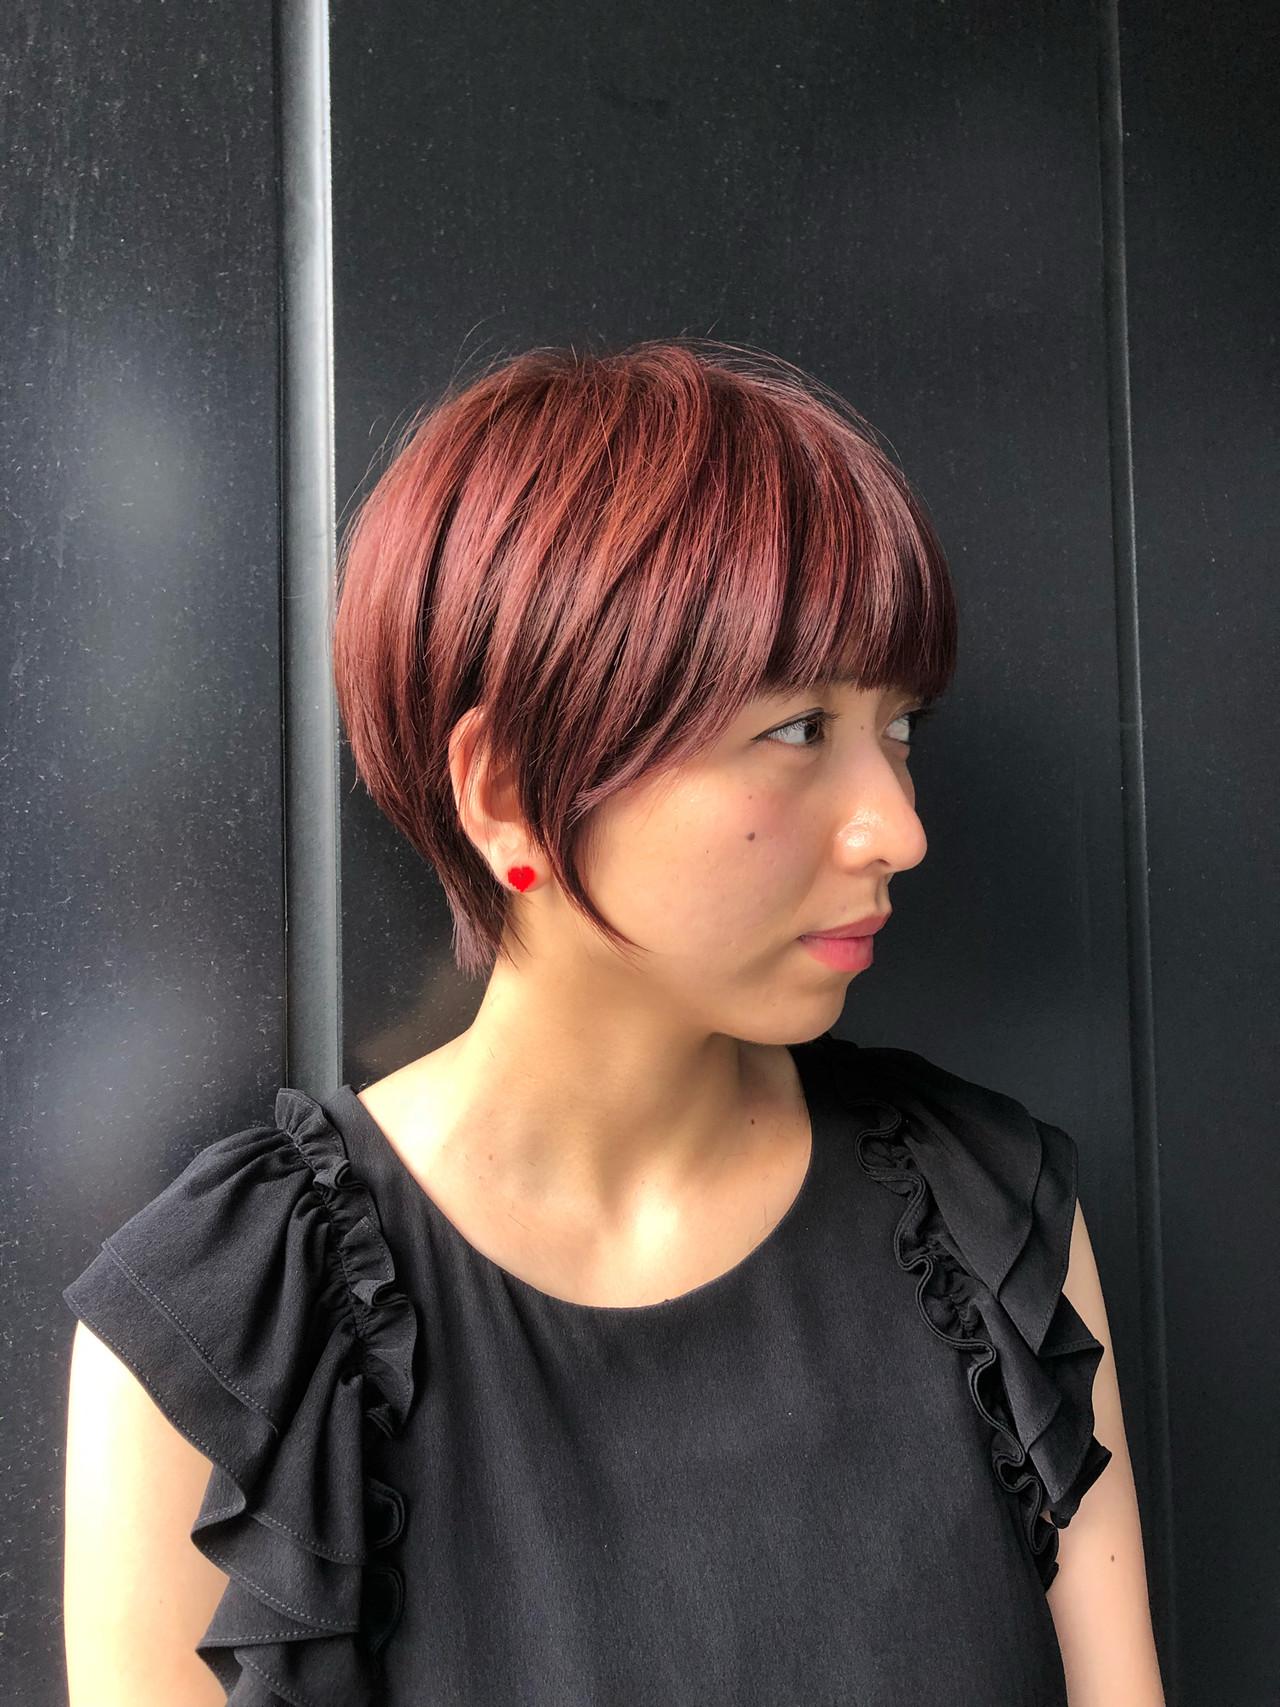 フェミニン ショートボブ ハンサムショート マッシュショート ヘアスタイルや髪型の写真・画像 | 池上 一星 / GINZA PEEK-A-BOO 中央通り店